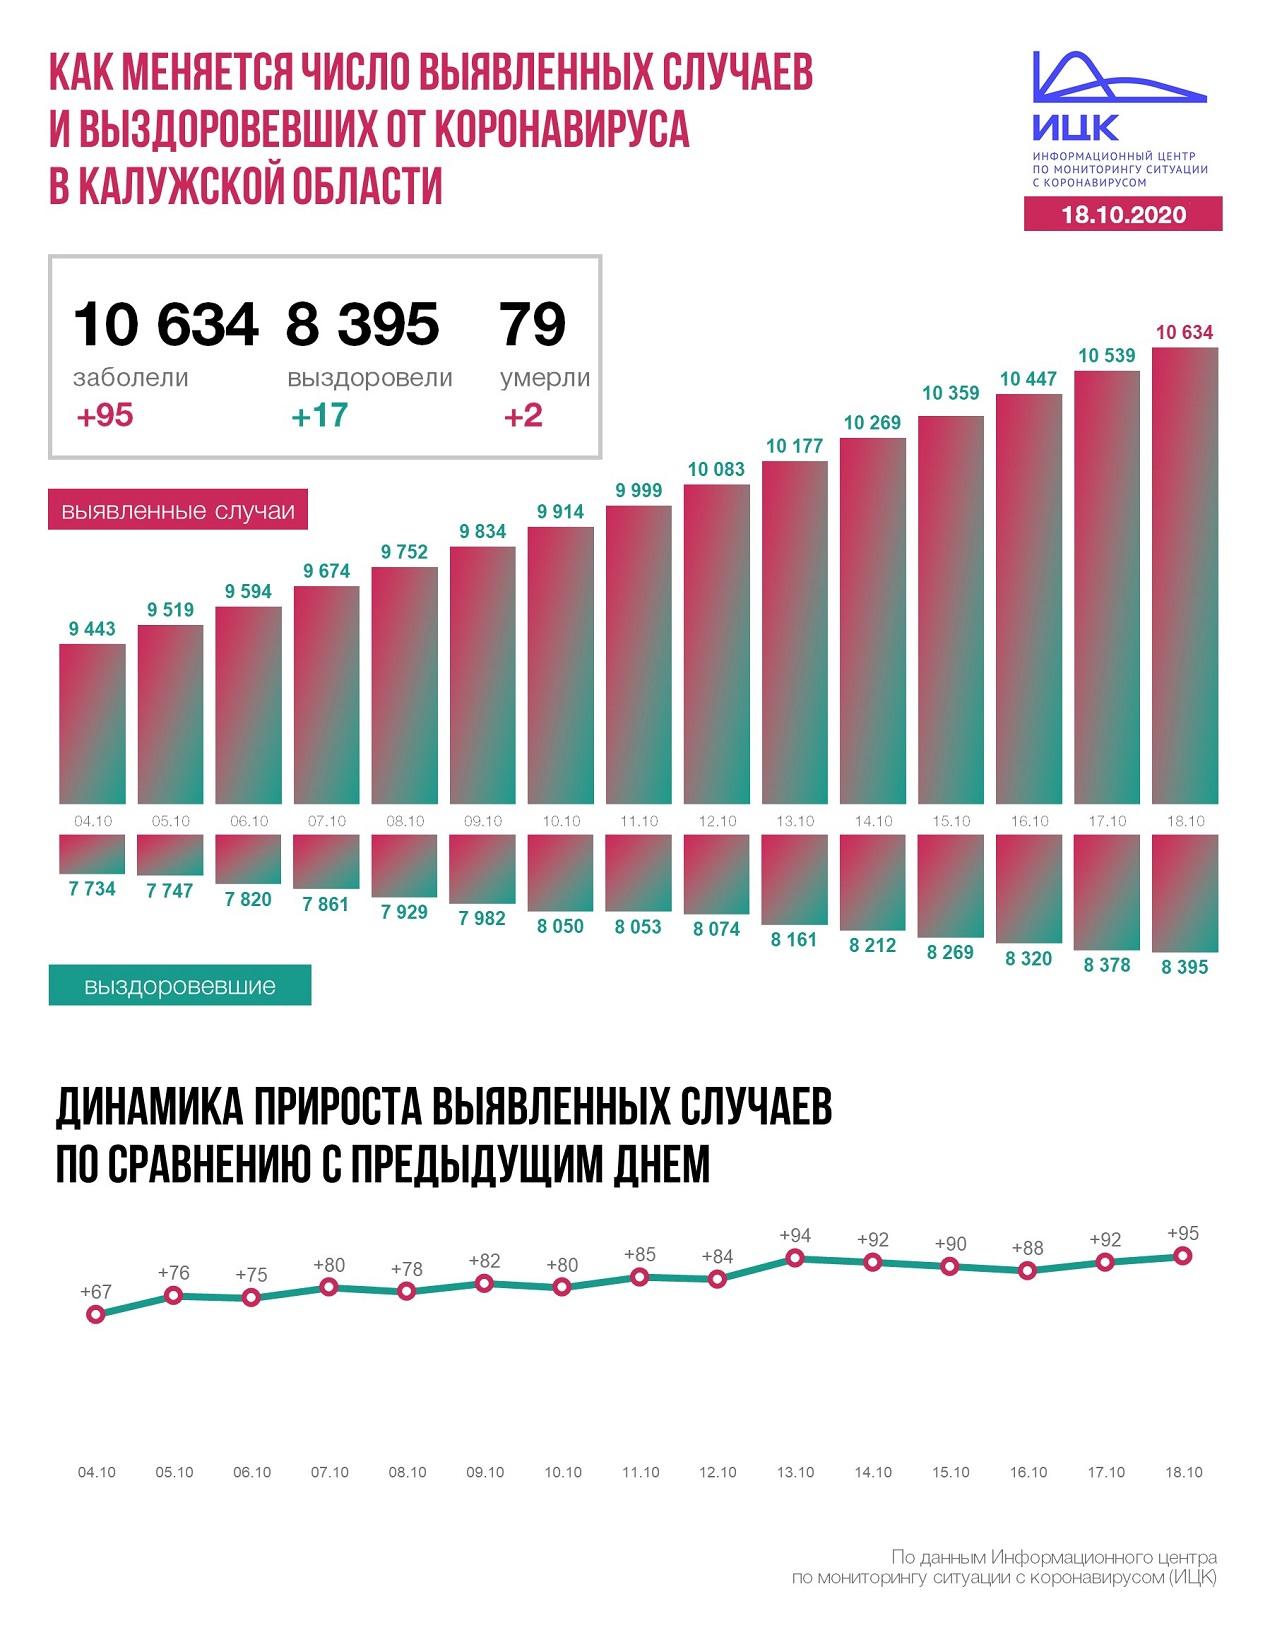 Официальные данные федерального оперативного штаба по коронавирусу в Калужской области на 18 октября 2020 года.